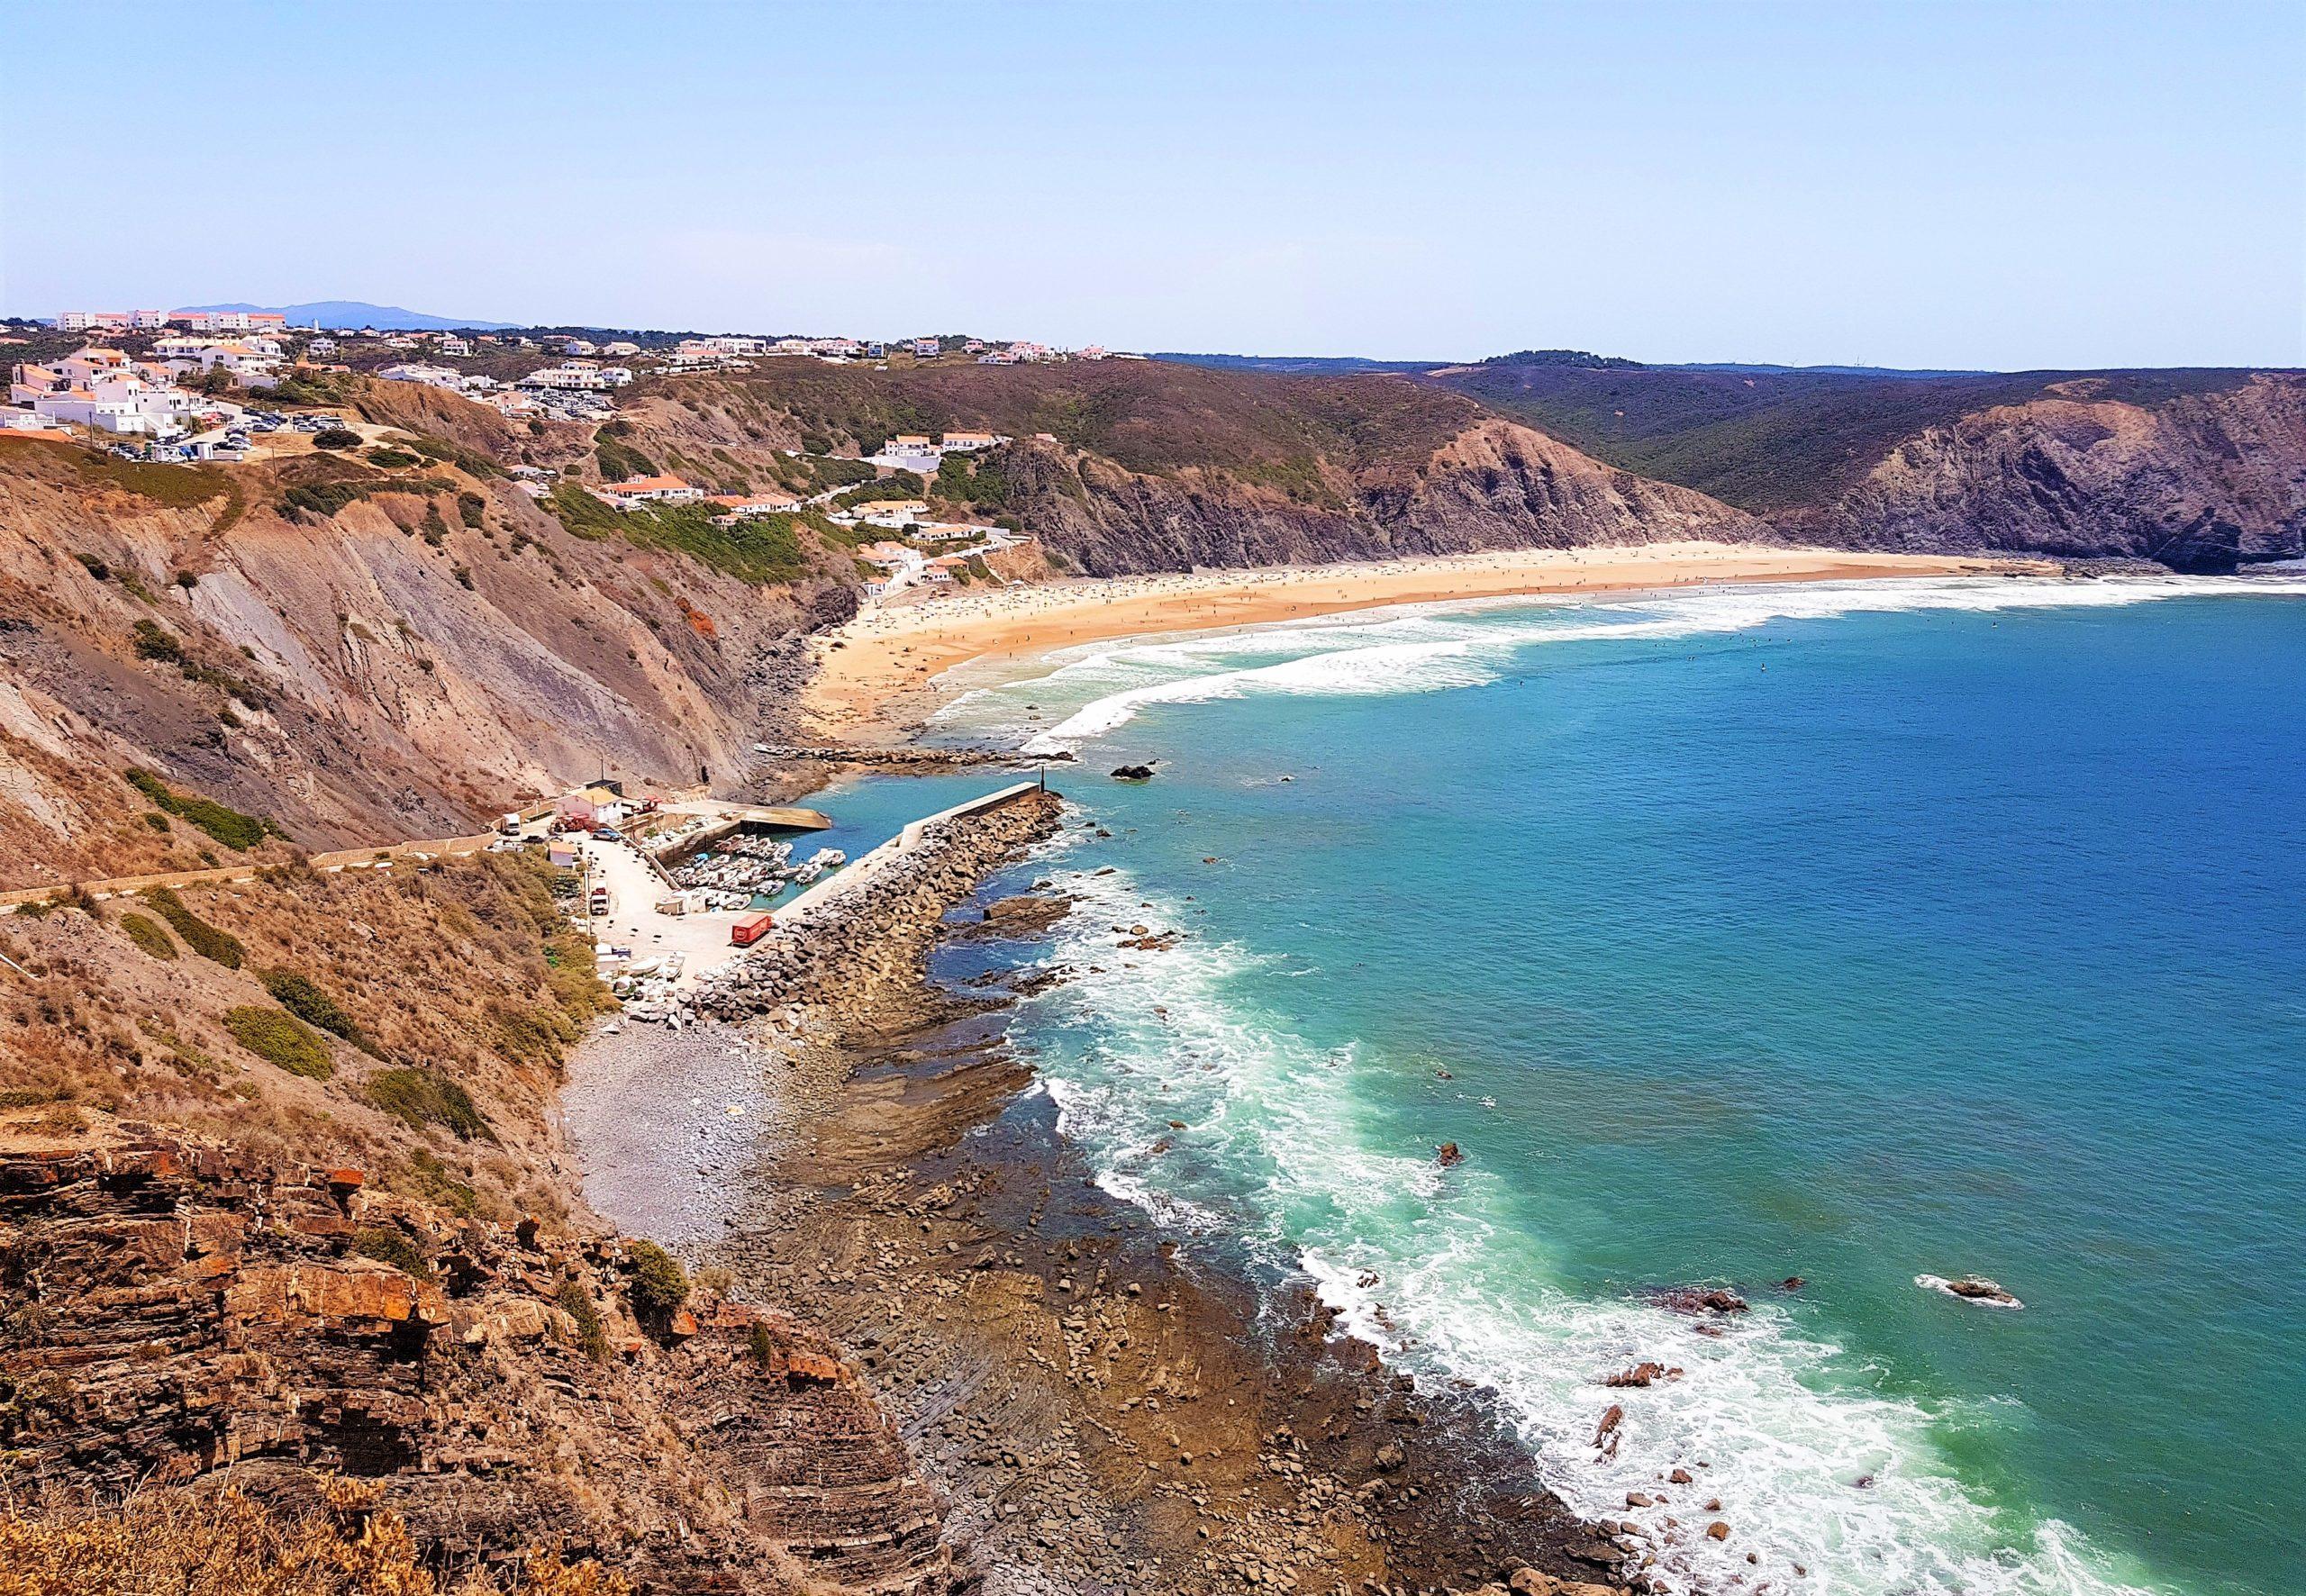 parquenaturalalentejano 1 scaled e1590320753705 - Sudoeste Alentejano e Costa Vicentina-Alentejano-Portugal